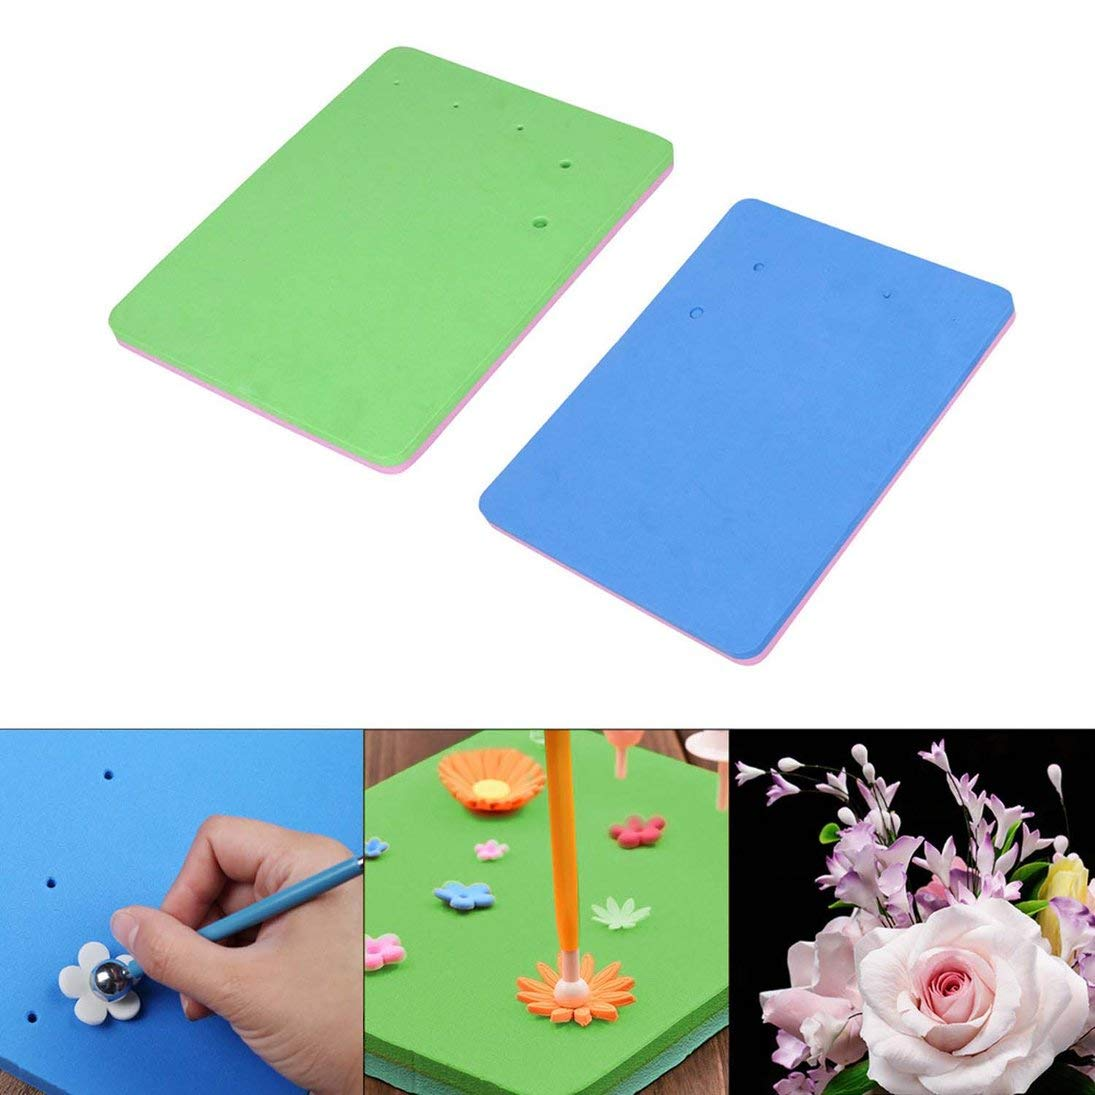 ToGames-IT Fondente Strumento Colore Cinque Fori Quadrato Fondente Fiore stampaggio Pad Spugna Pad modellatura Pad Cinque buche asciugare Fiore Mat Colore Casuale